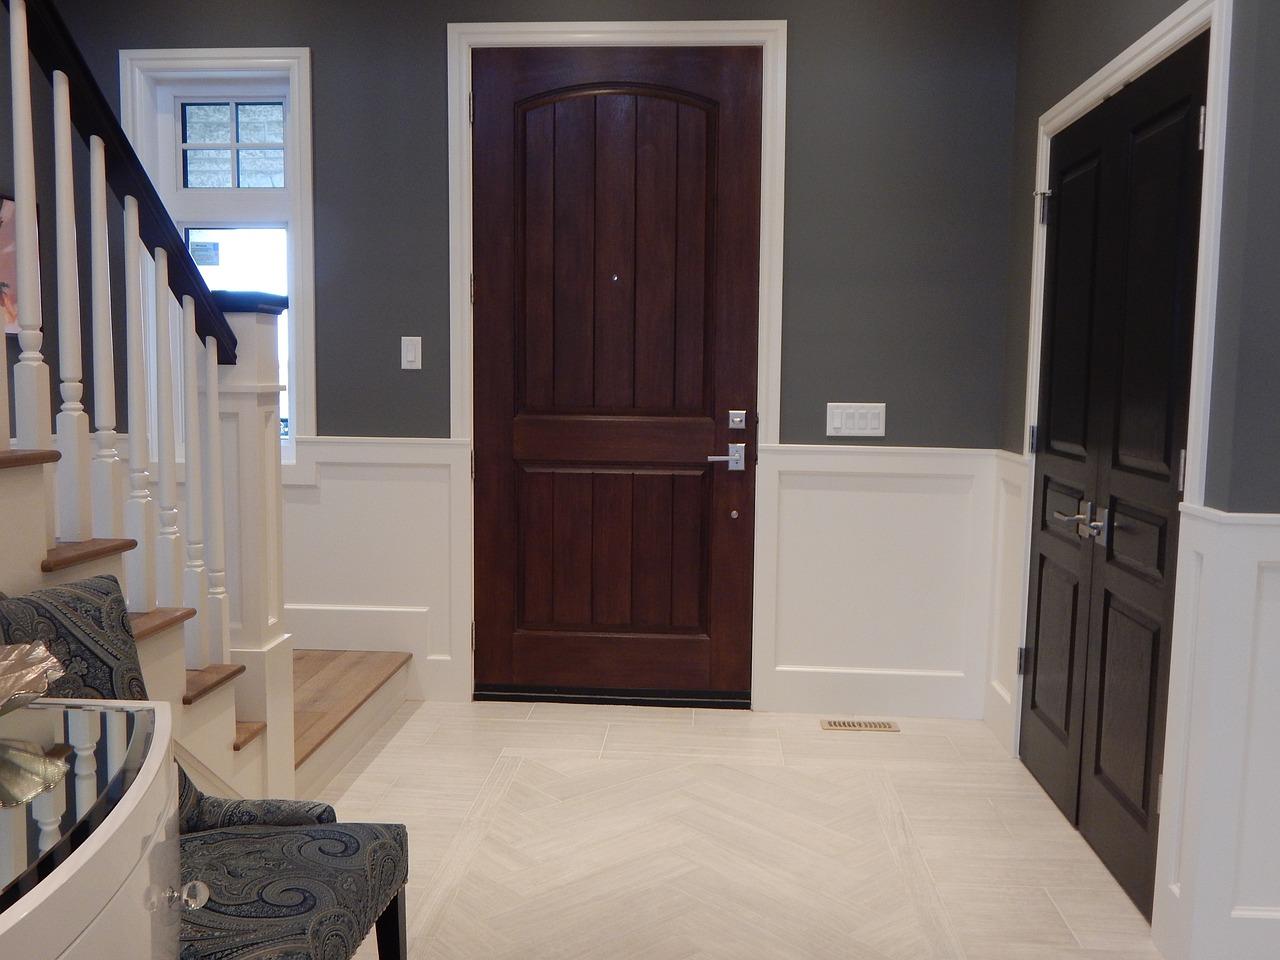 Dipingere Le Porte Di Casa come scegliere il colore delle porte interne?